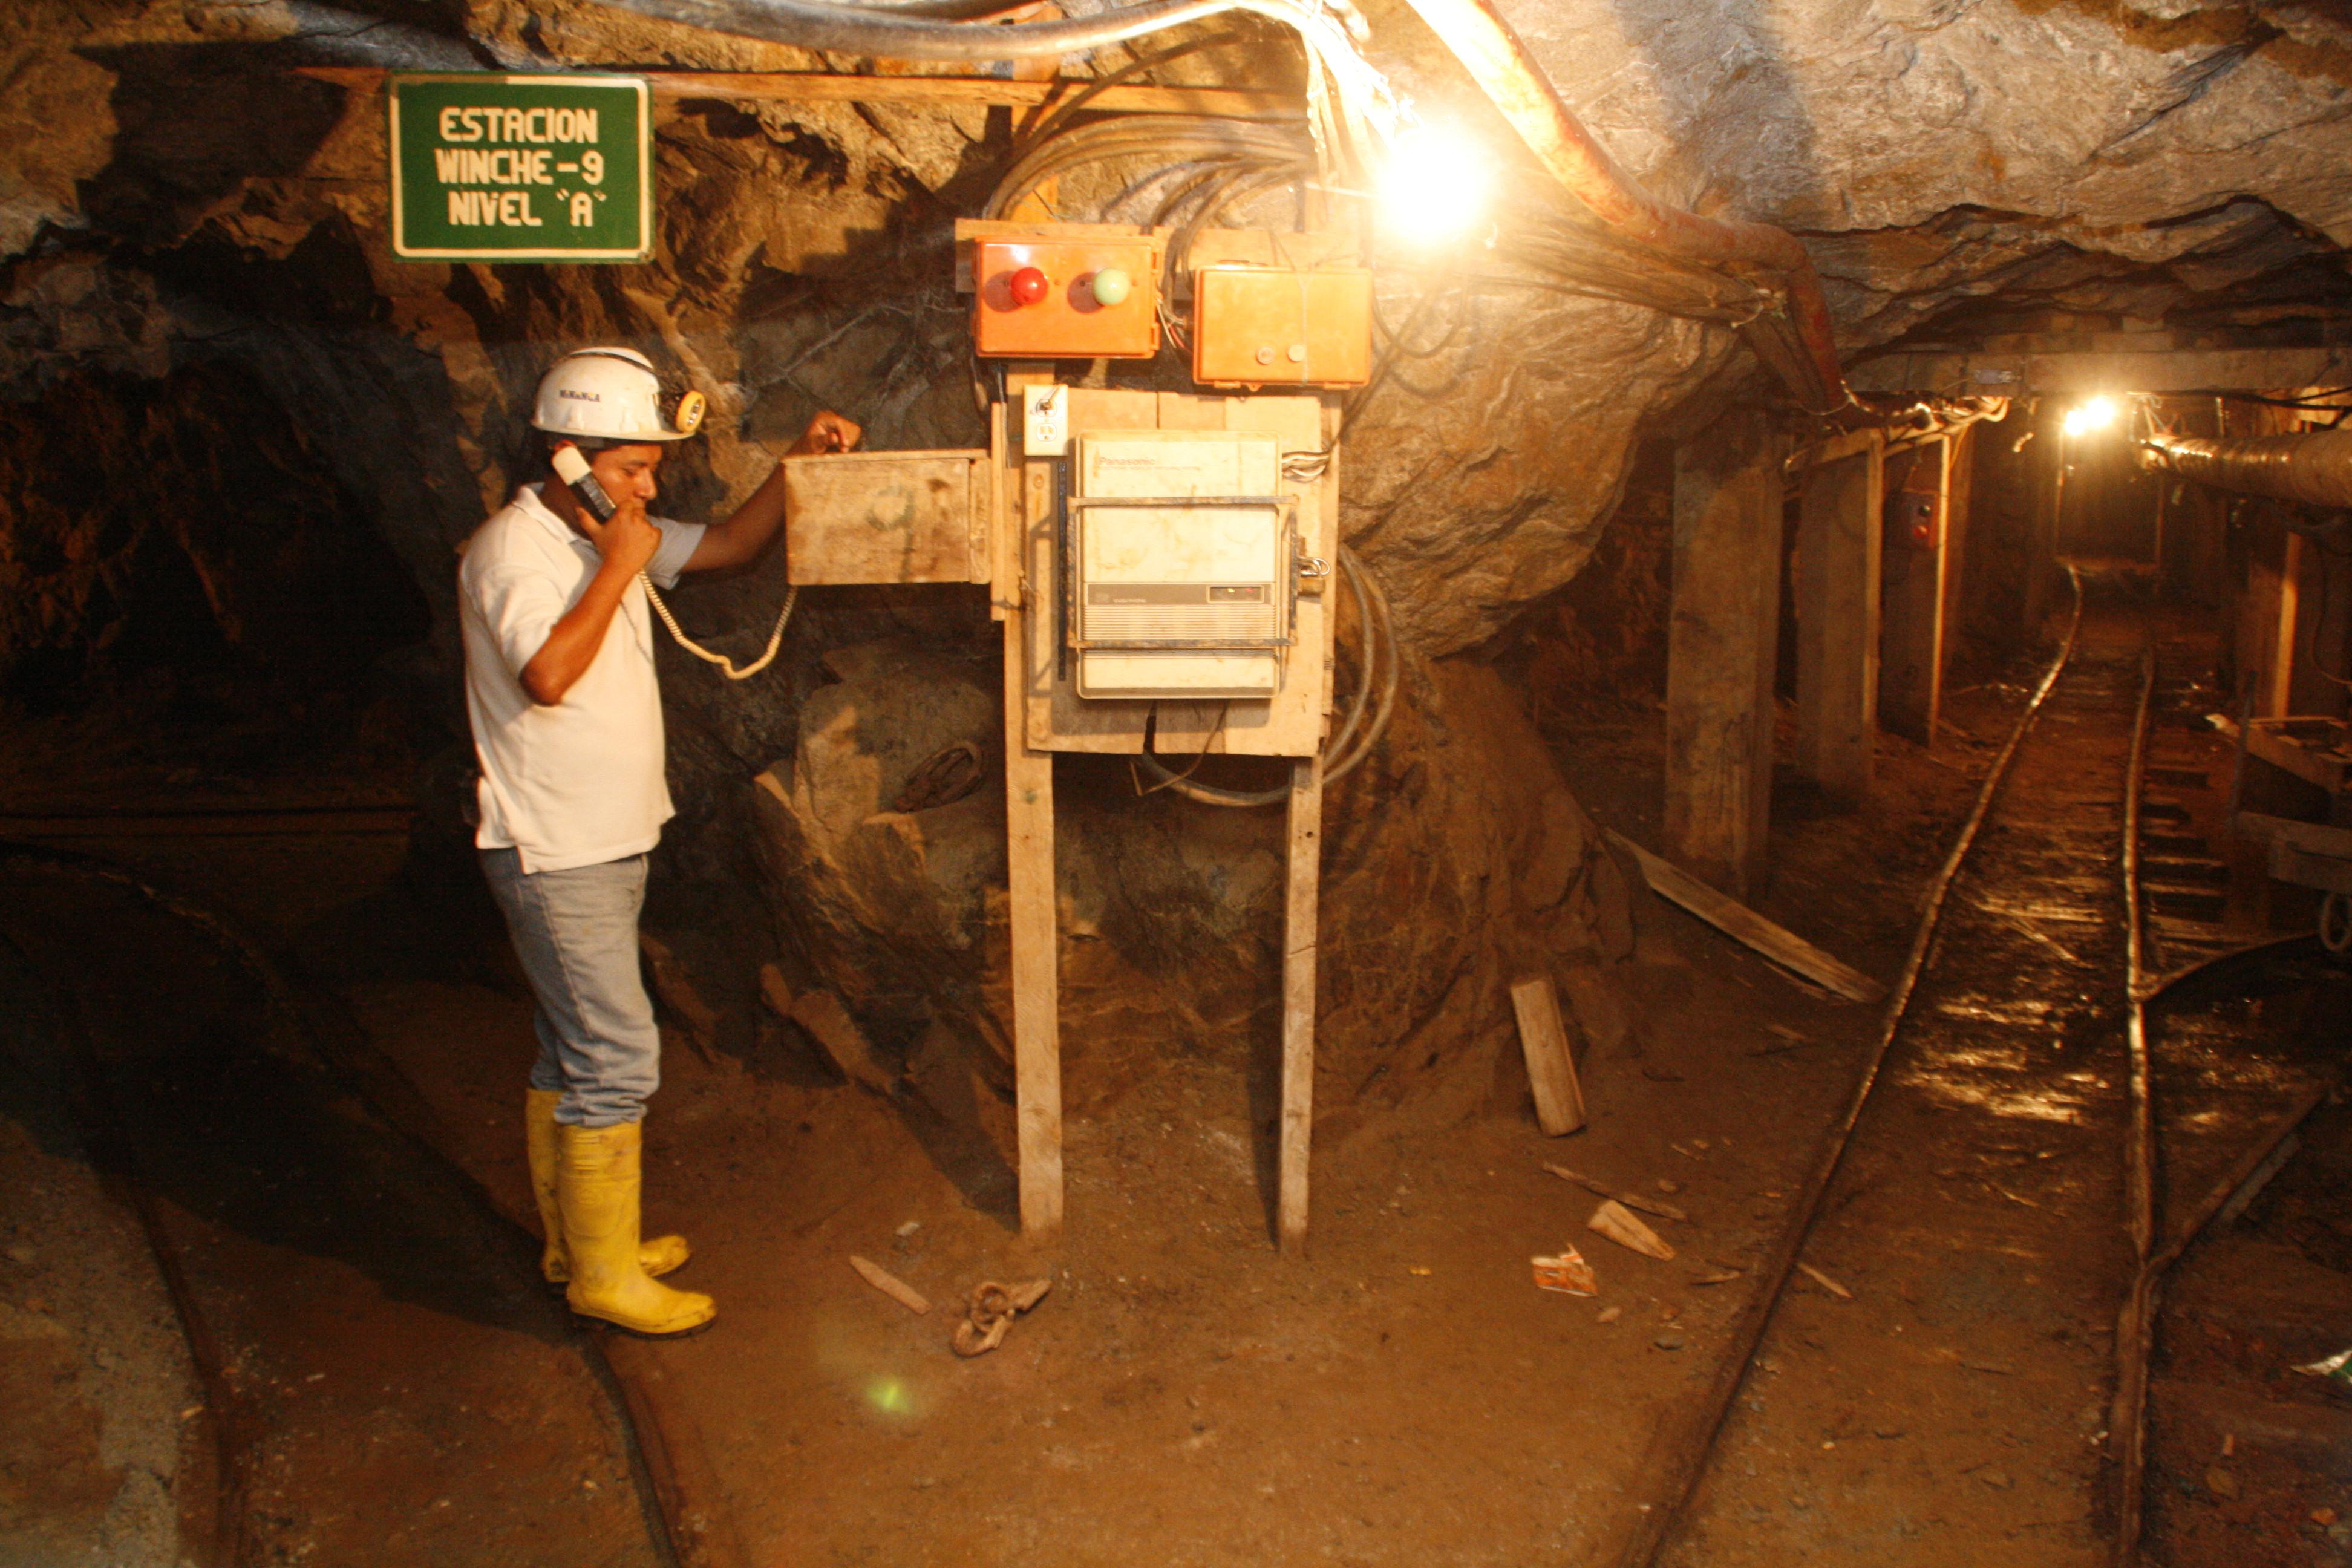 Ministerio de minas la nueva cartera del gobierno vistazo for Ministerio de minas